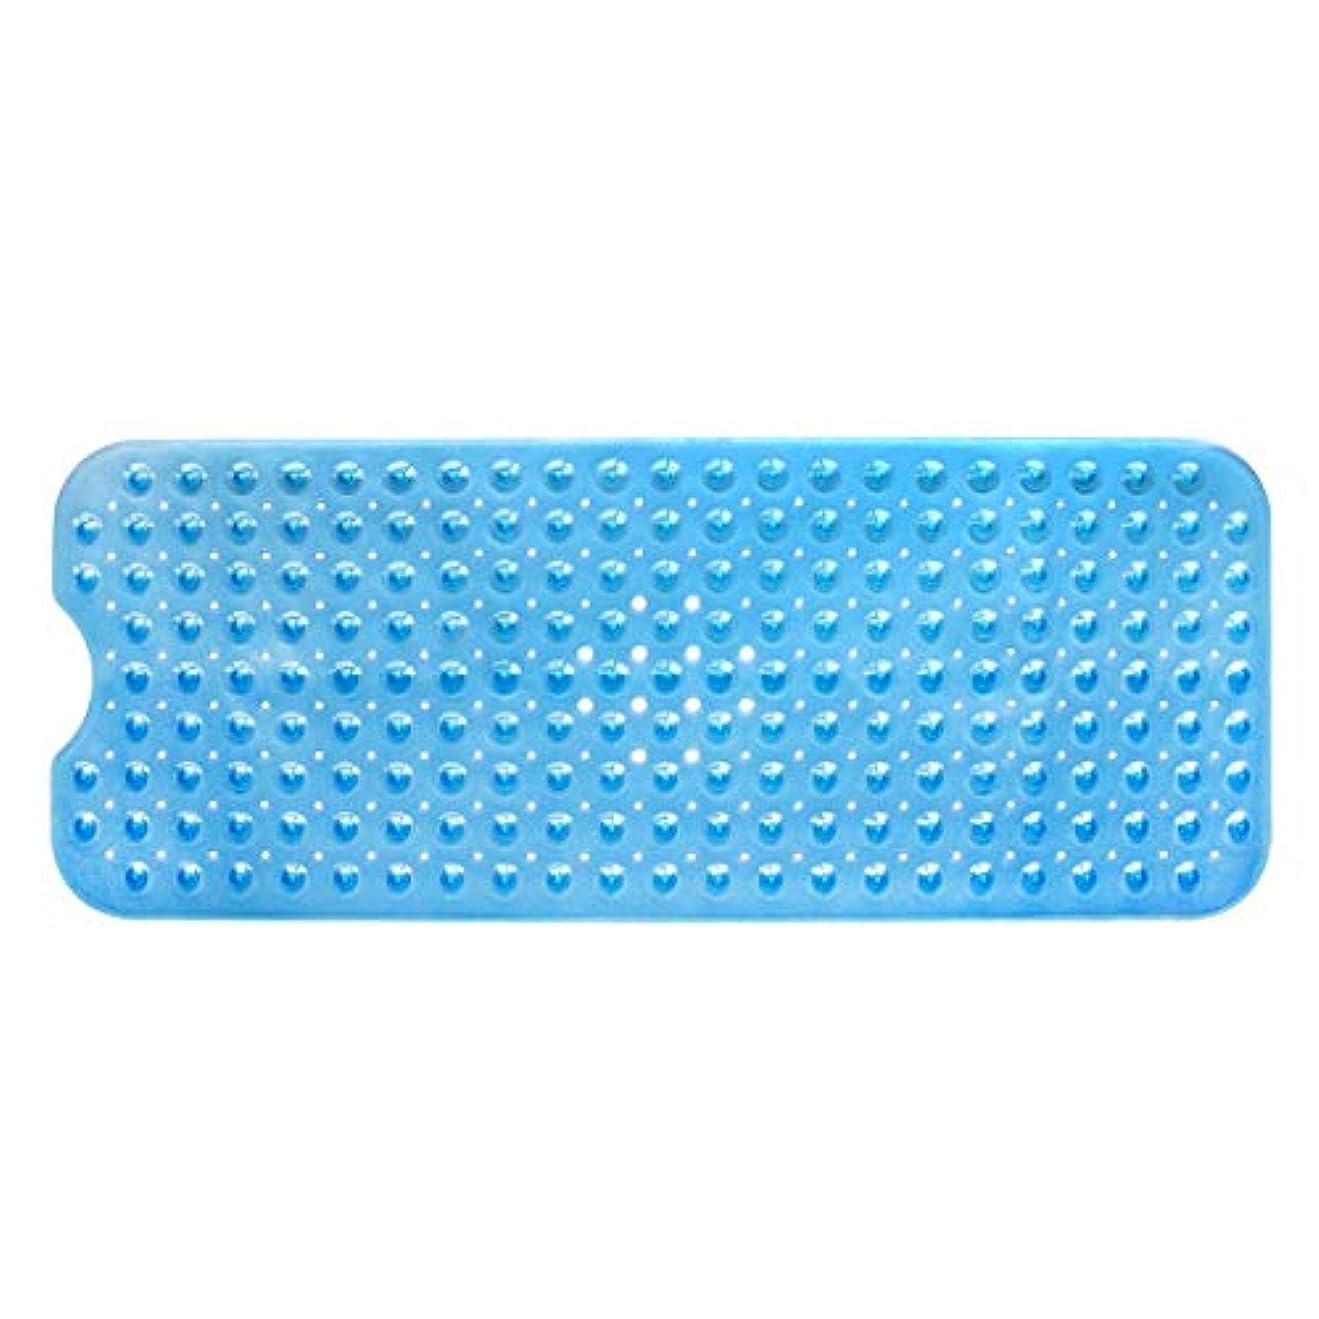 ミキサーテンポフォークSwiftgood エクストラロングバスタブマットカビ抵抗性滑り止めバスマット洗濯機用浴室用洗えるPVCシャワーマット15.7